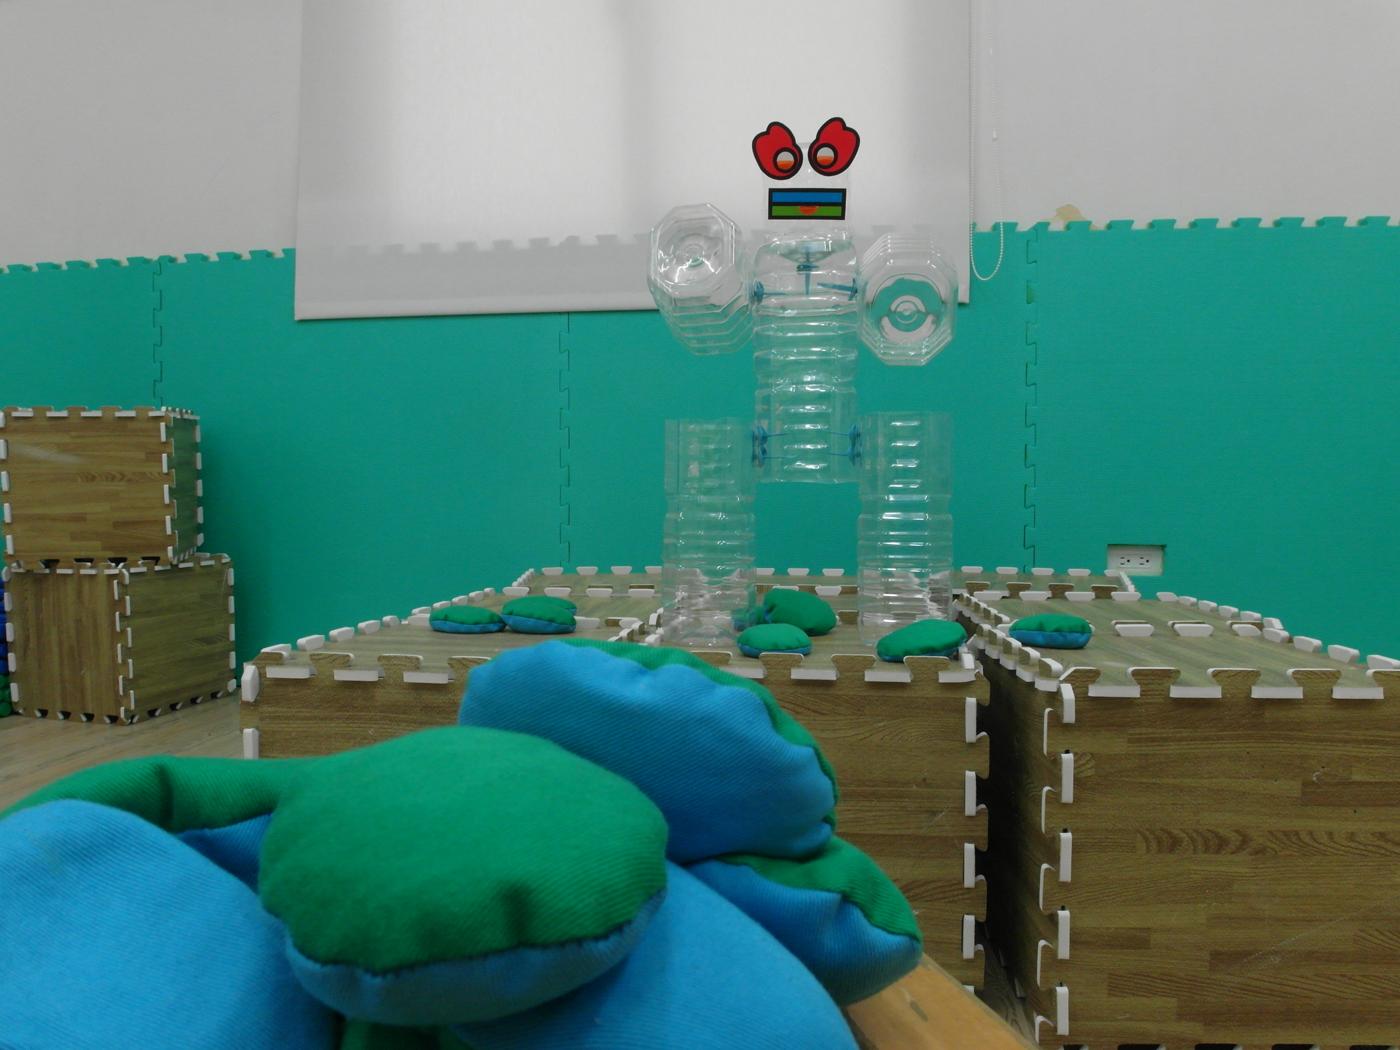 沙包攻擊機器人!